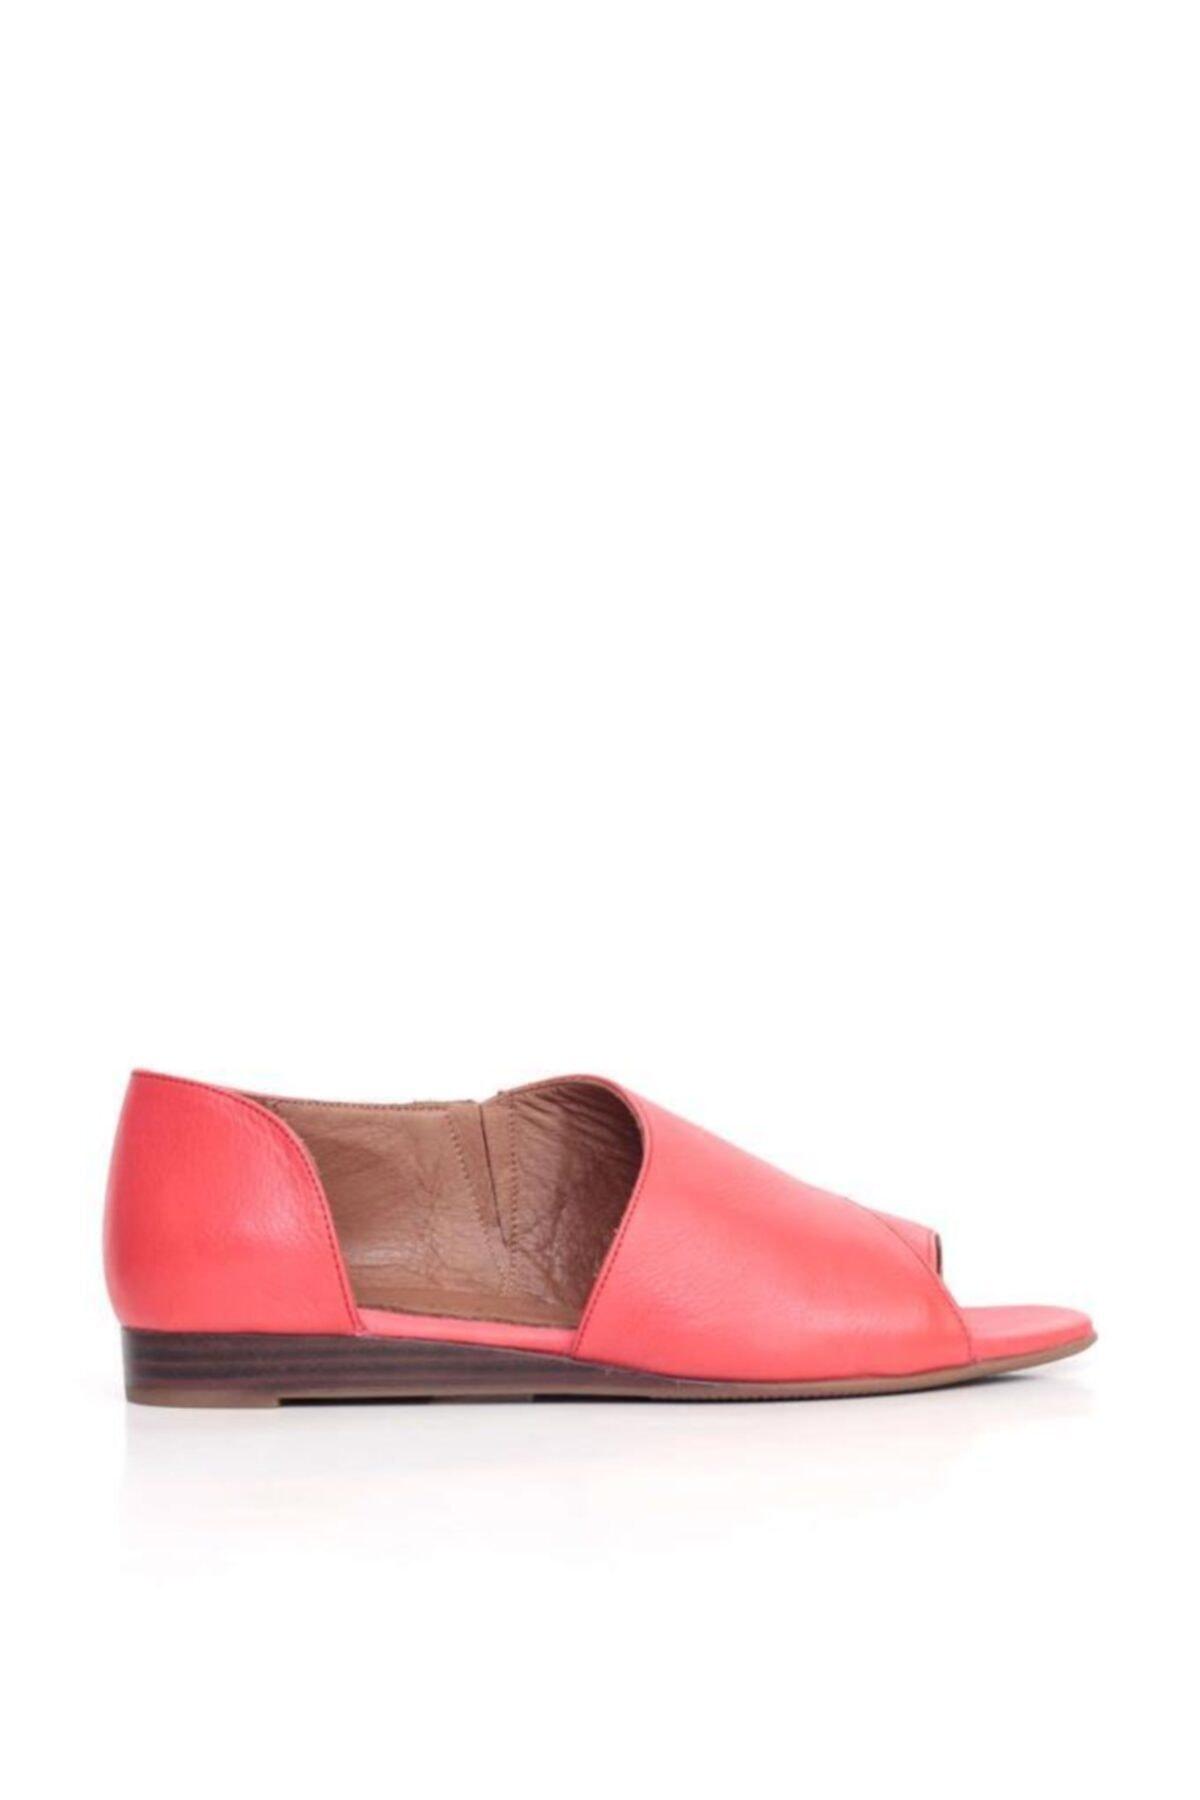 BUENO Shoes Yanı Ve Burundan Açık Hakiki Deri Kadın Babet 9n1902 1